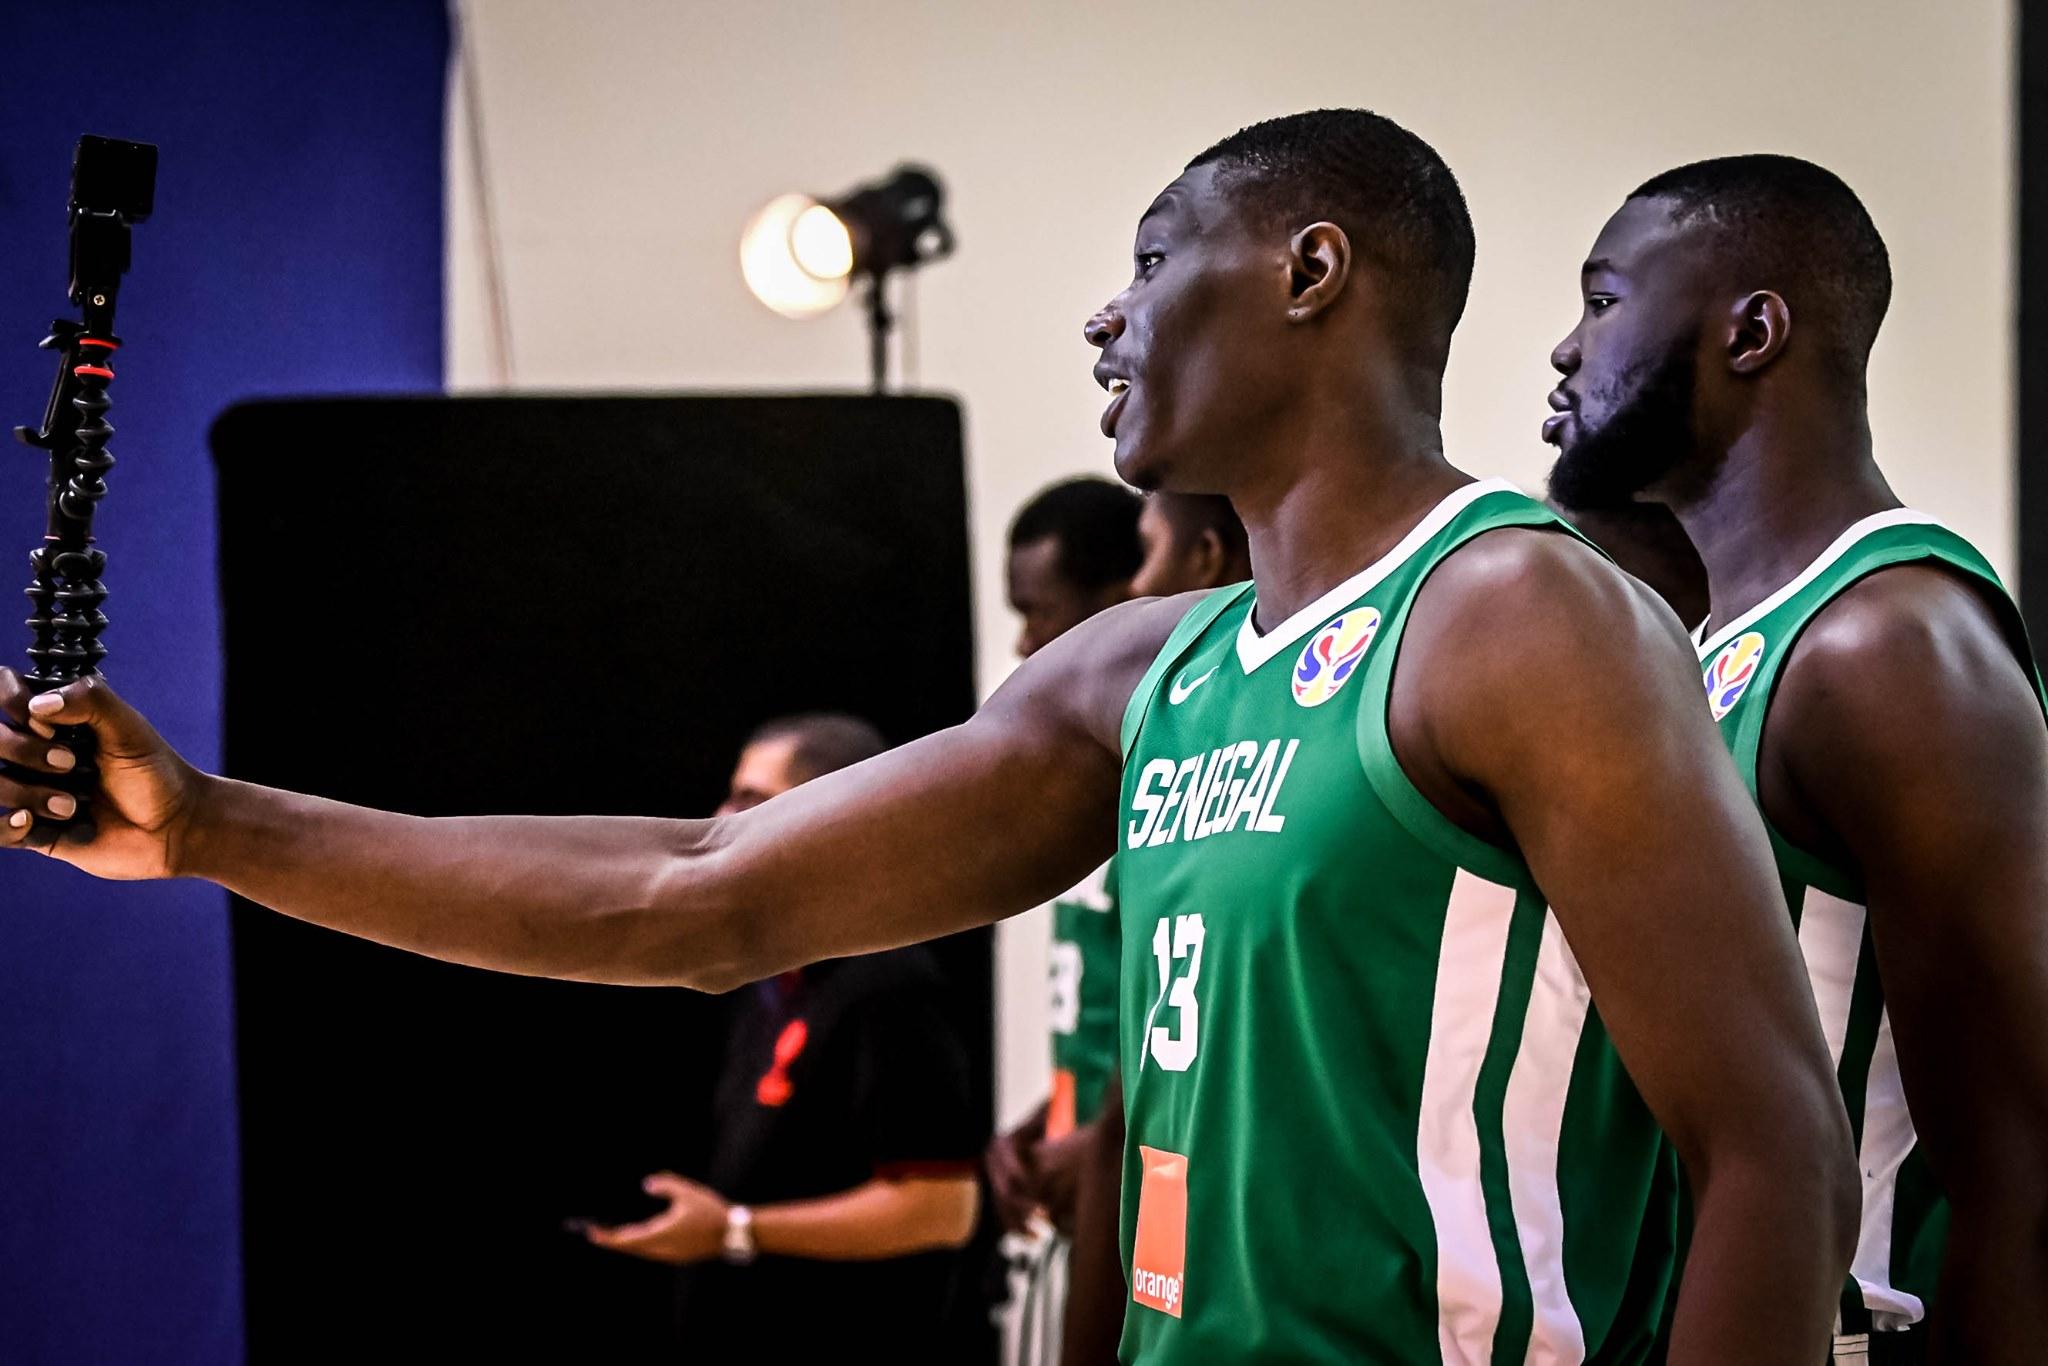 69378815 2559346367442446 715193276910534656 o - Mondial 2019: Les lions du Basket en mode Shooting (08 Photos)